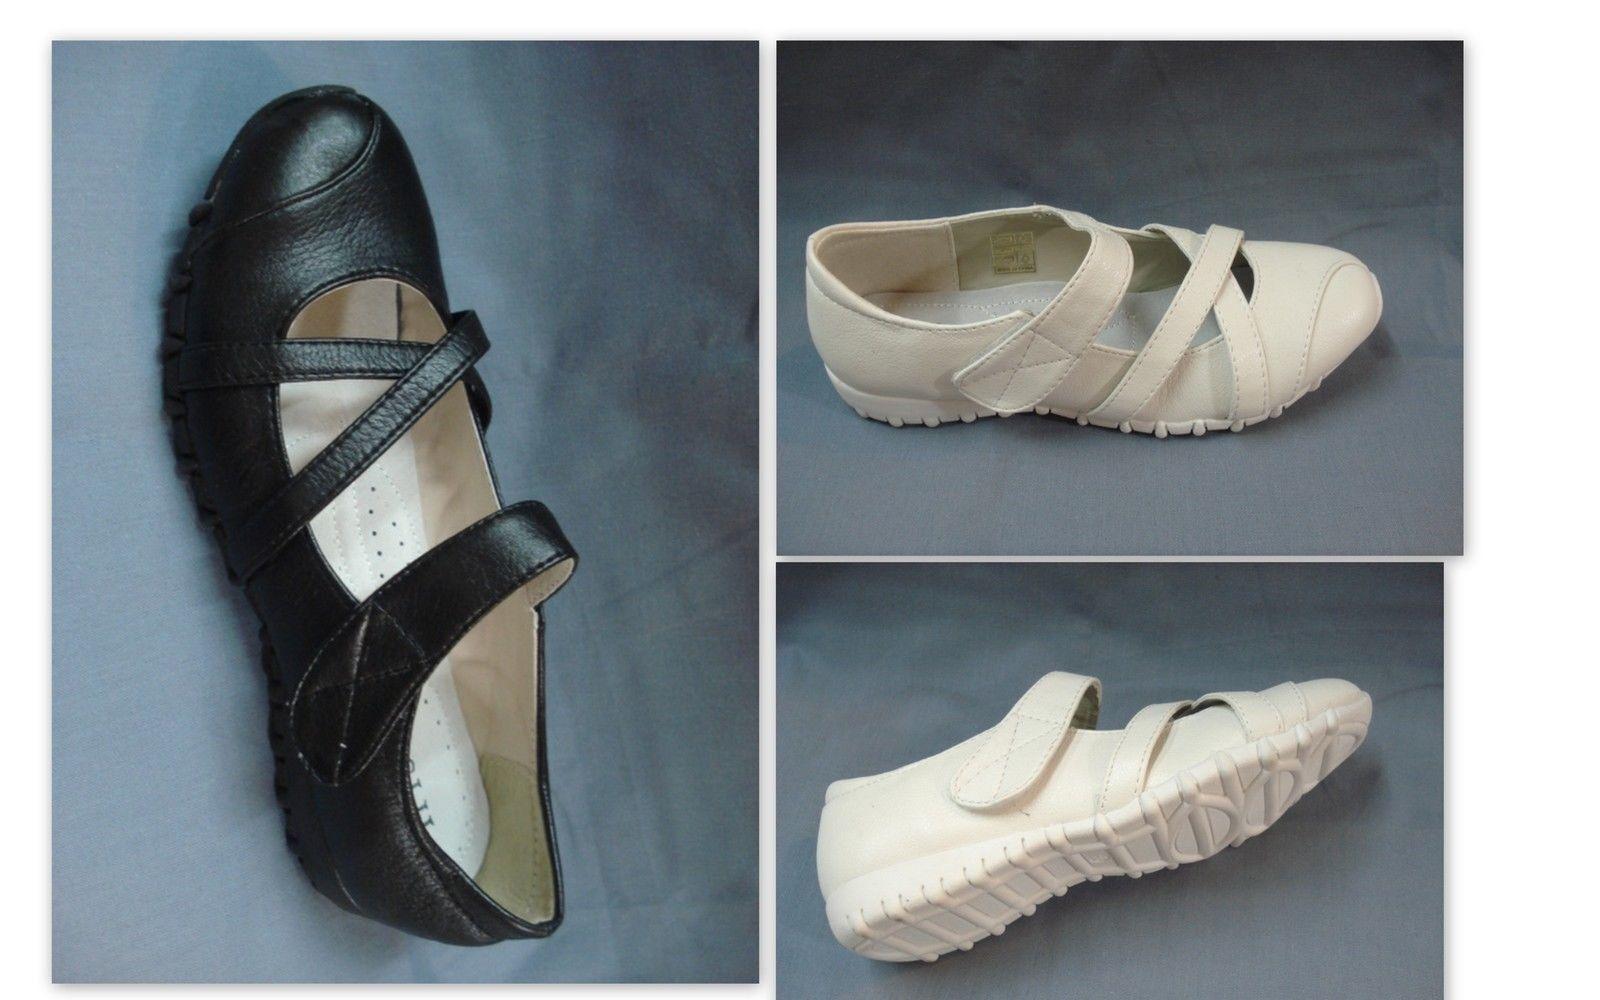 ballerina  Zapatos  riemchen  36 38 39 40 Zapatos 37 41 ballerinas damen Zapatos 40 78cfad